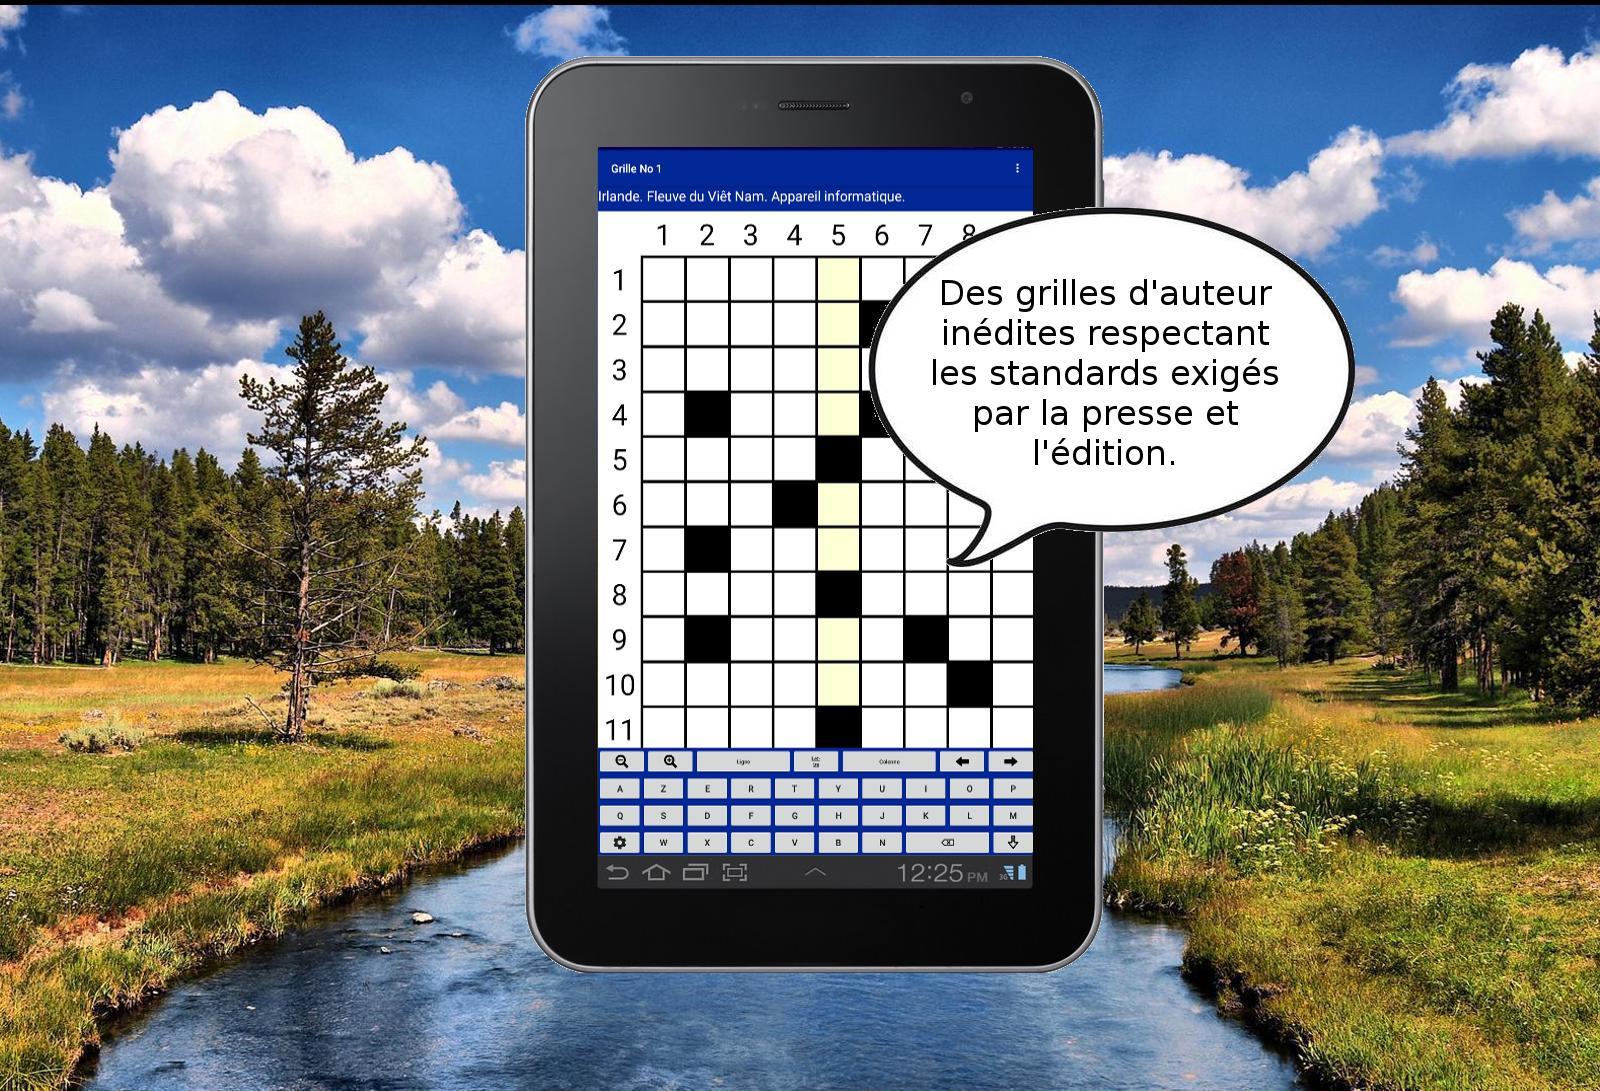 Android Için Mots Croisés Gratuits 2 - Jeu De Lettres. - Apk dedans Mots Fleche Gratuit